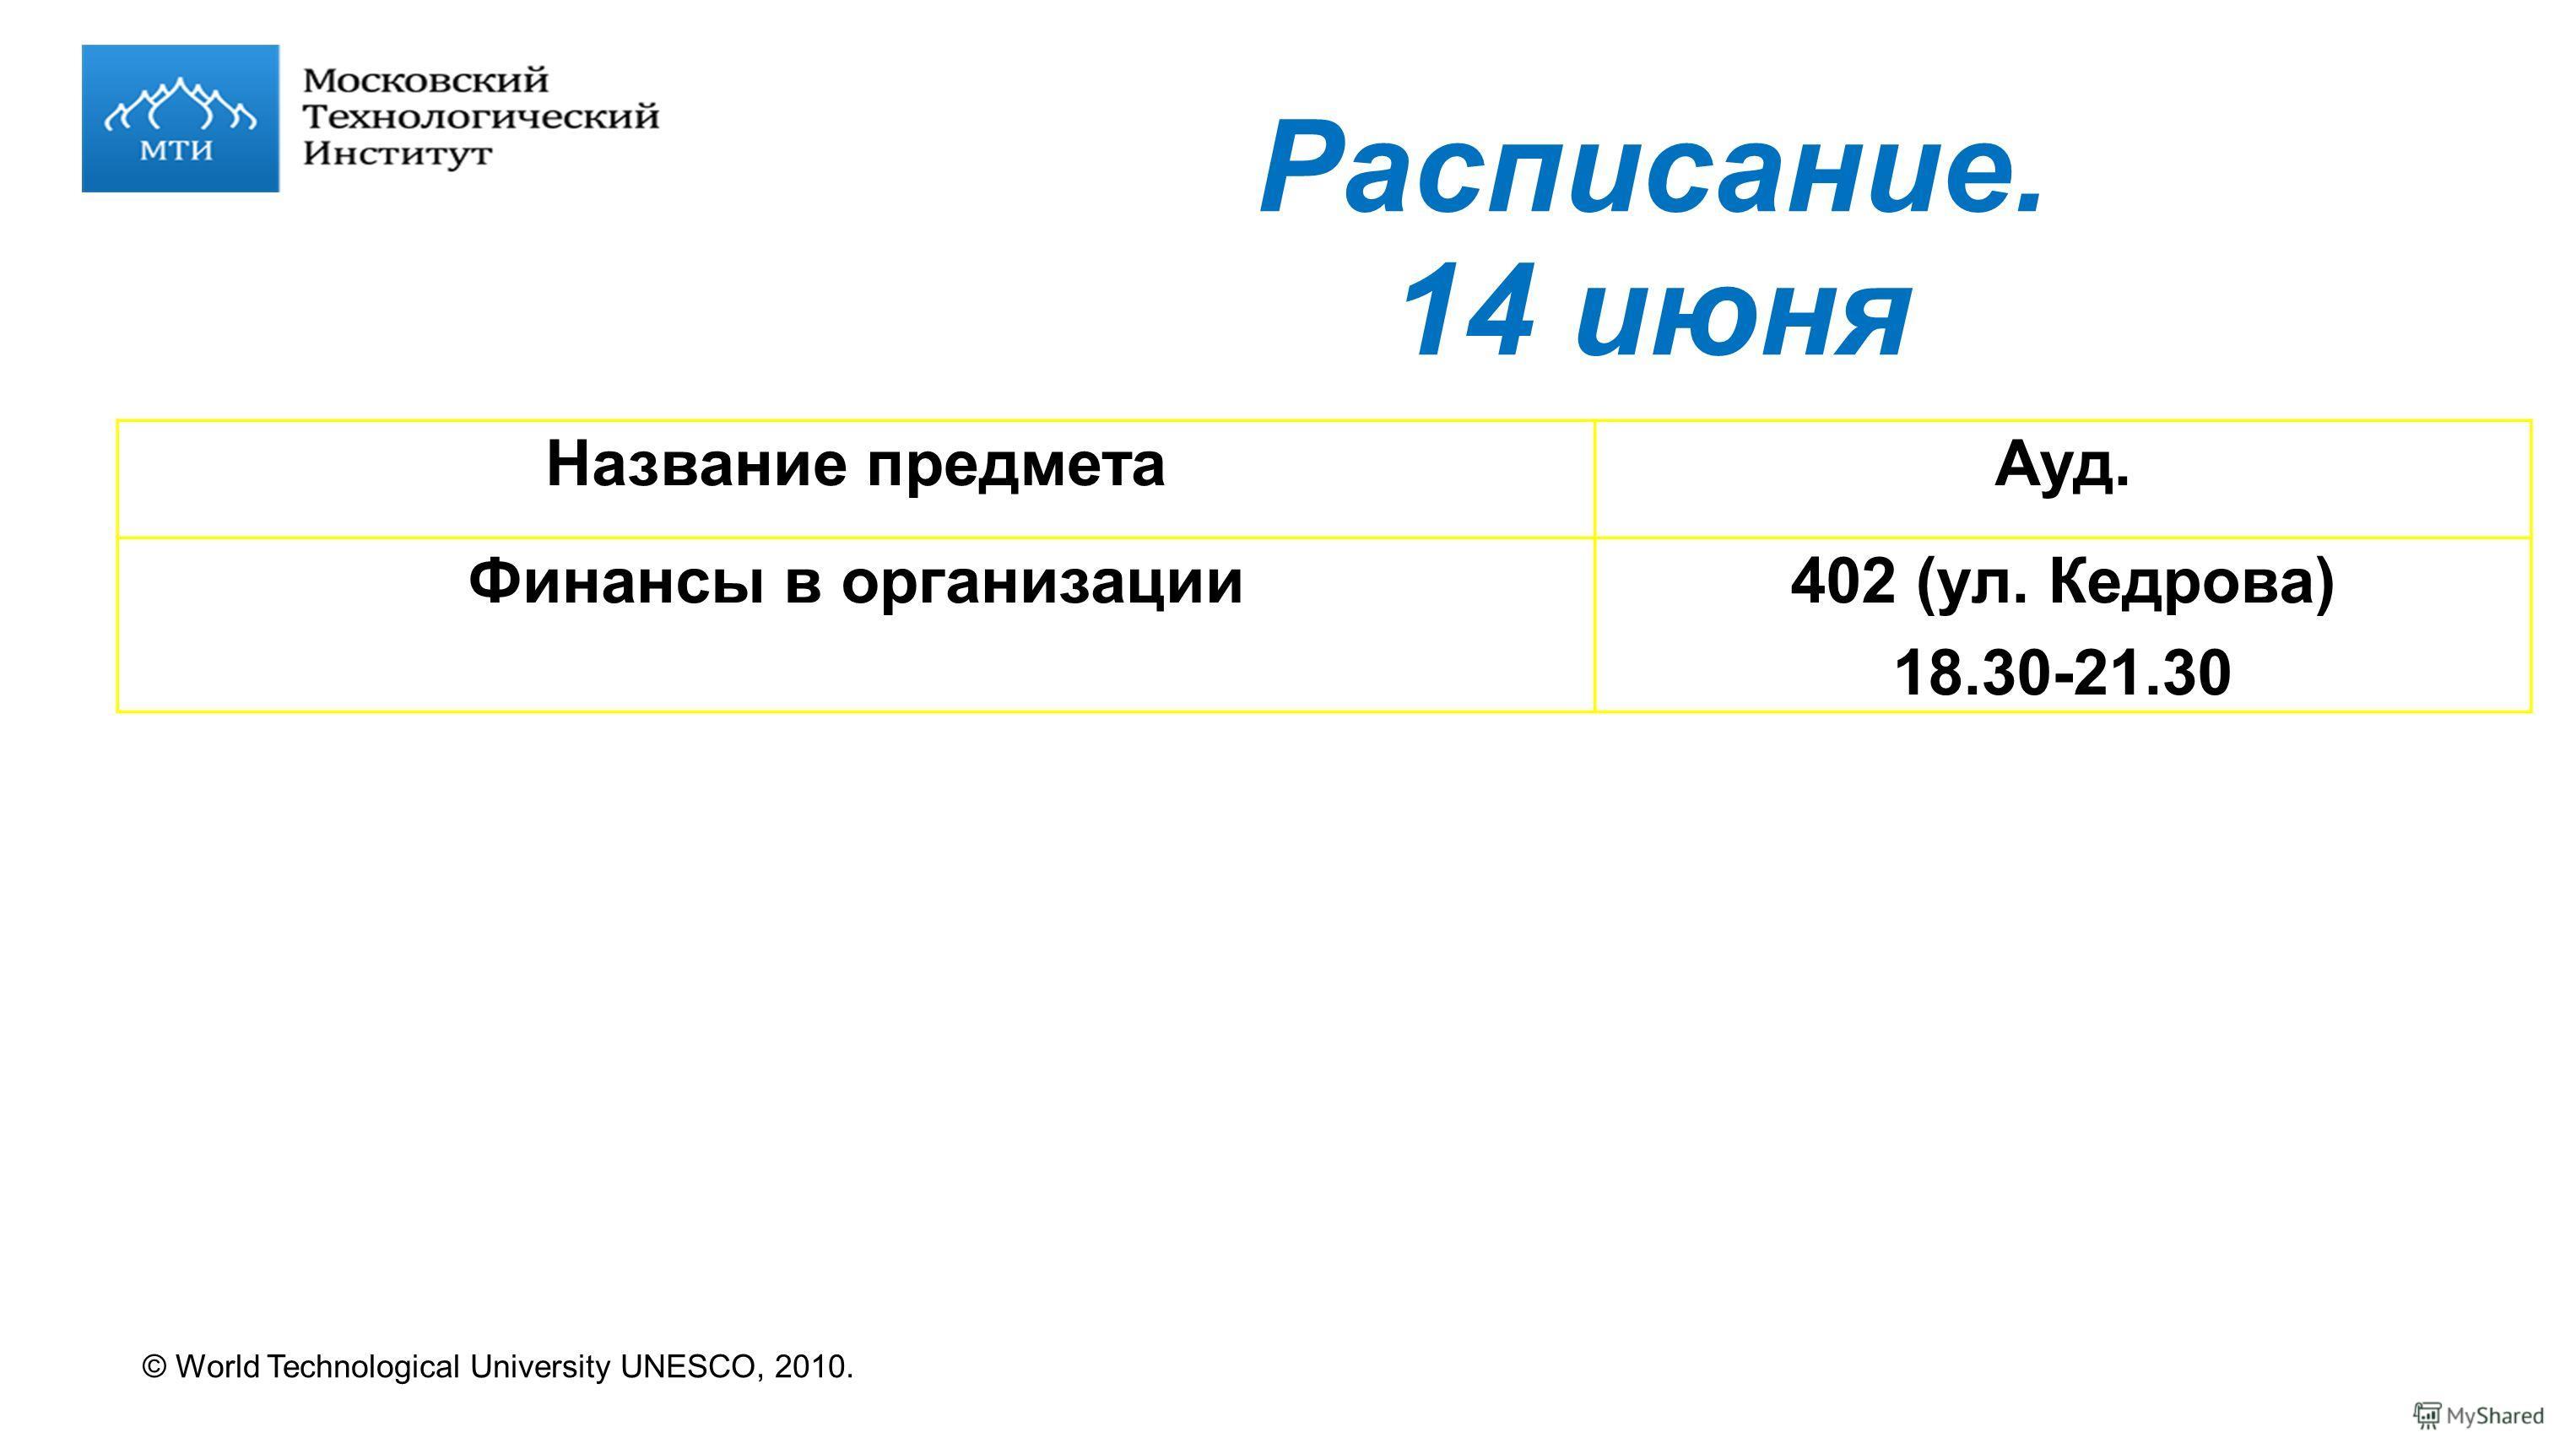 © World Technological University UNESCO, 2010. Расписание. 14 июня Название предметаАуд. Финансы в организации402 (ул. Кедрова) 18.30-21.30